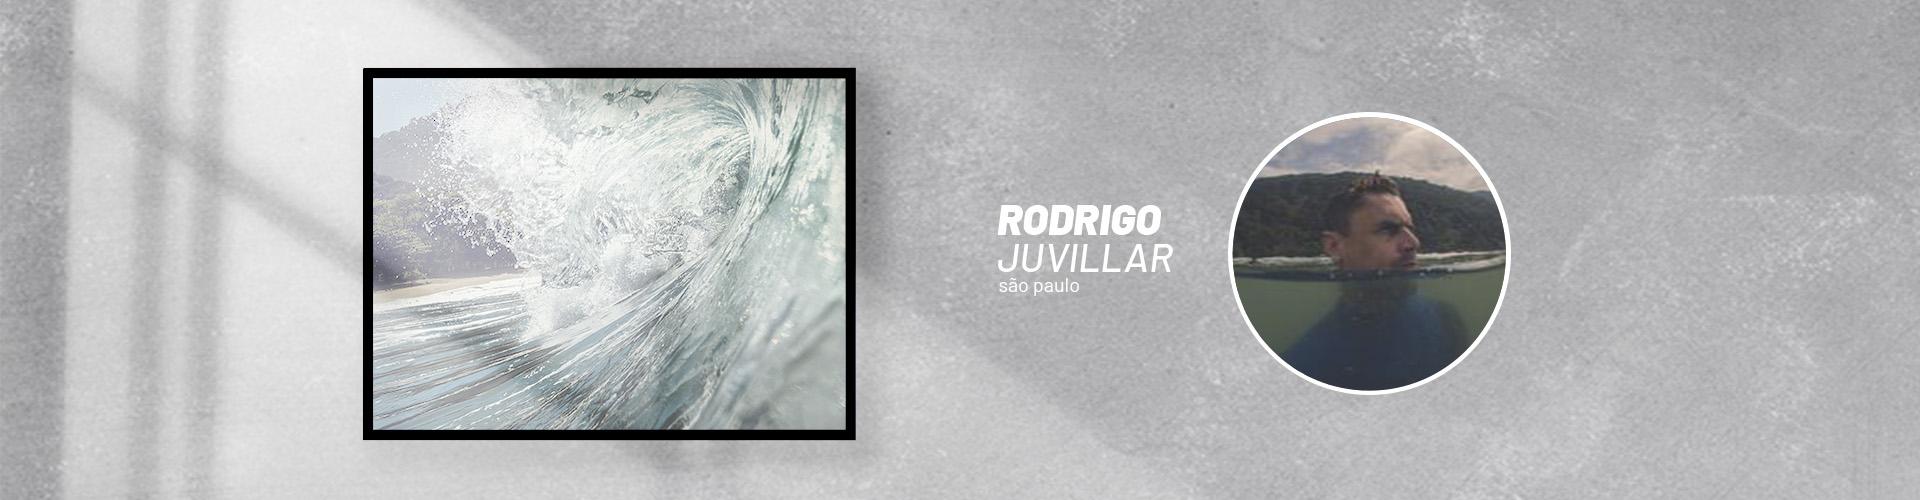 Página Artista | Rodrigo Juvillar